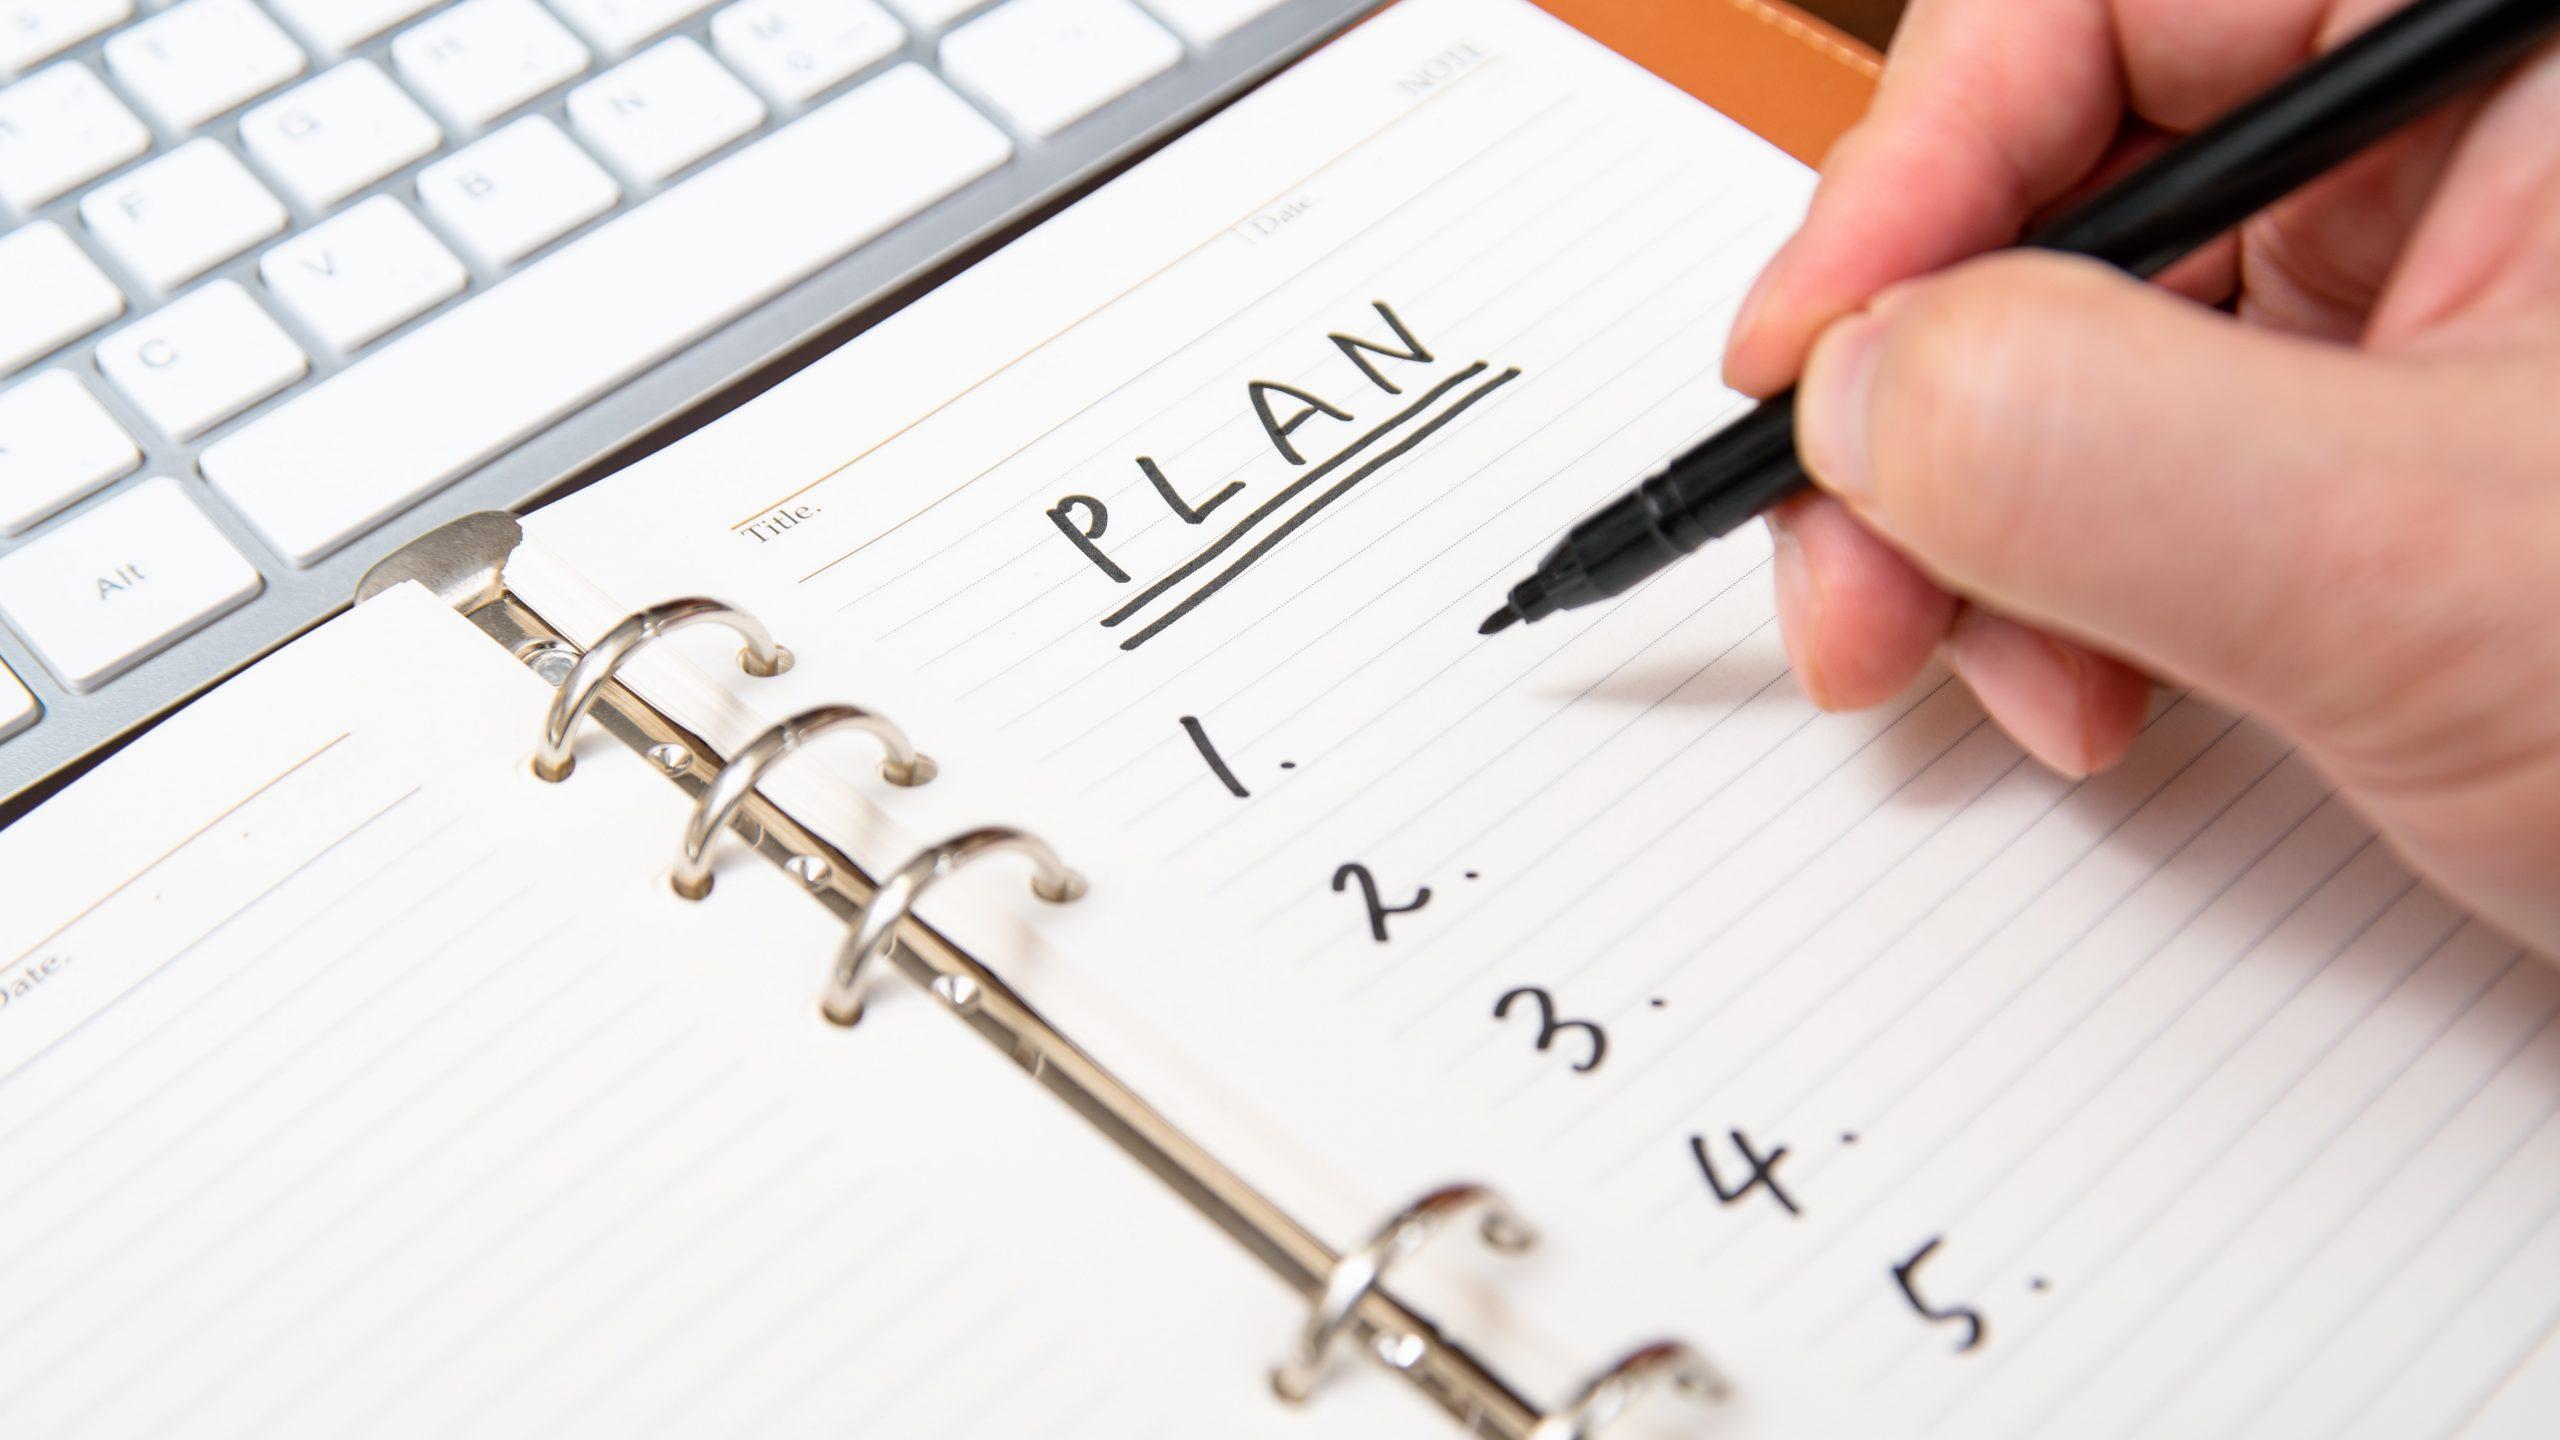 Bạn muốn định vị dịch vụ của mình trên thị trường trong năm nay như thế nào?